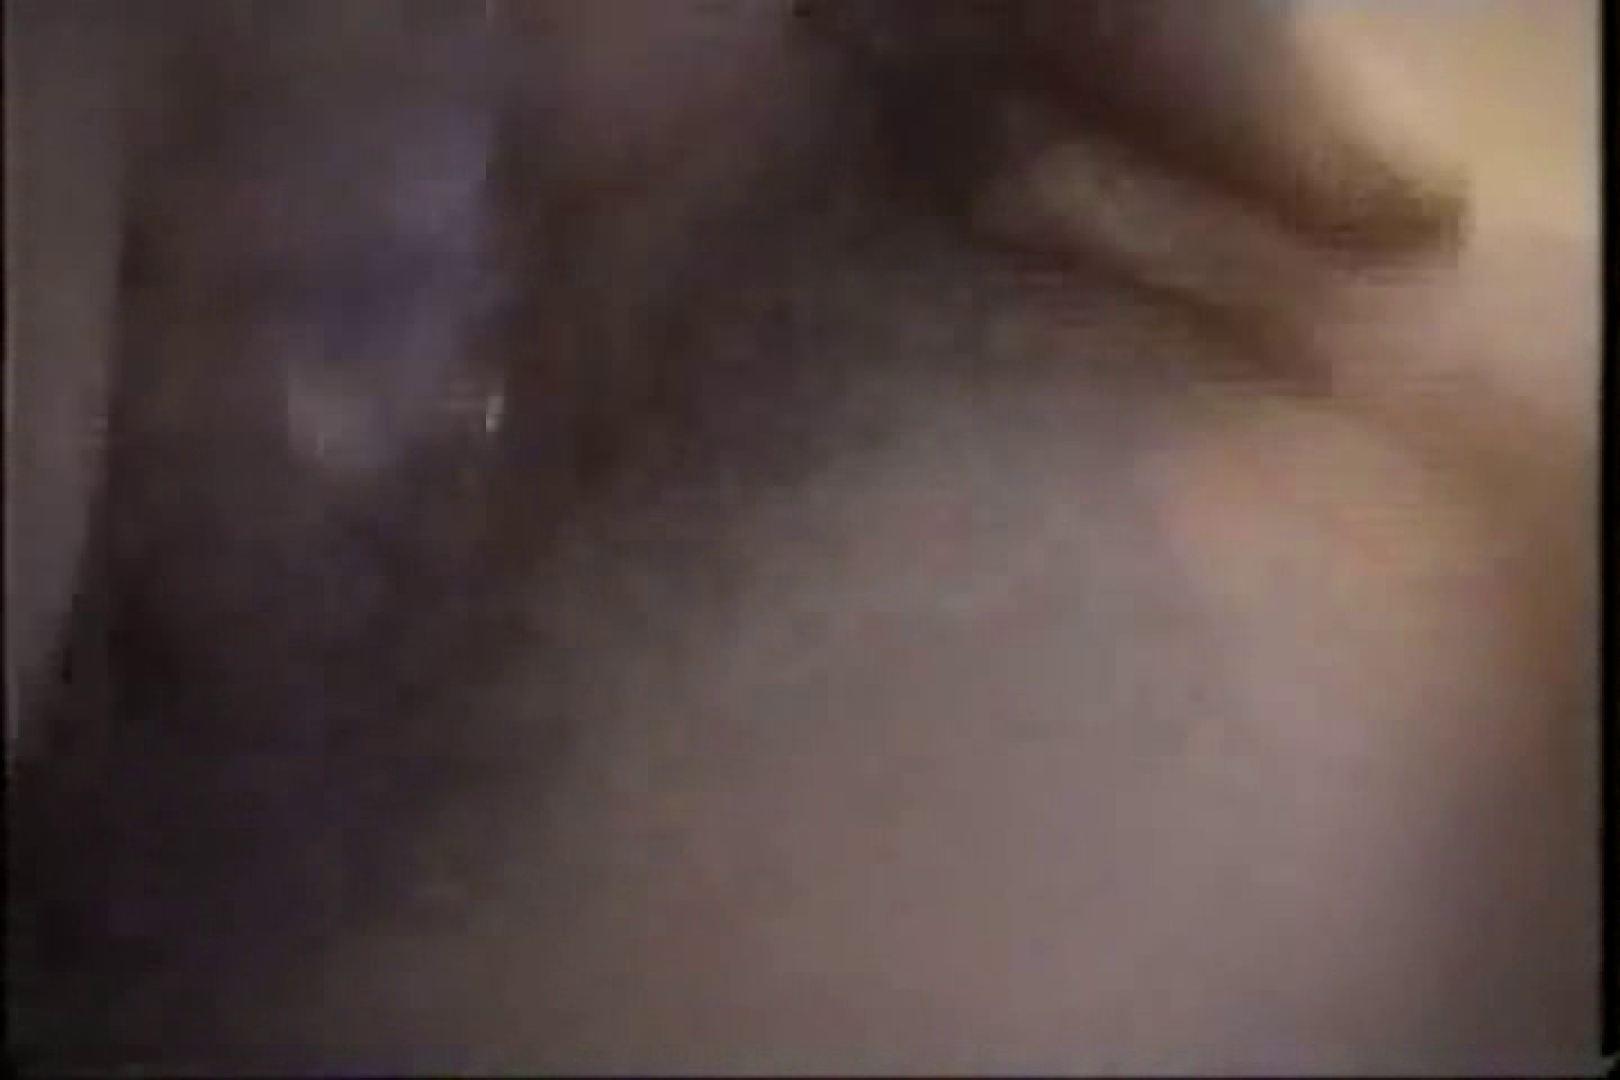 ウイルス流出 純子とてつやの指マン潮吹き&生セックス 流出作品  34連発 9